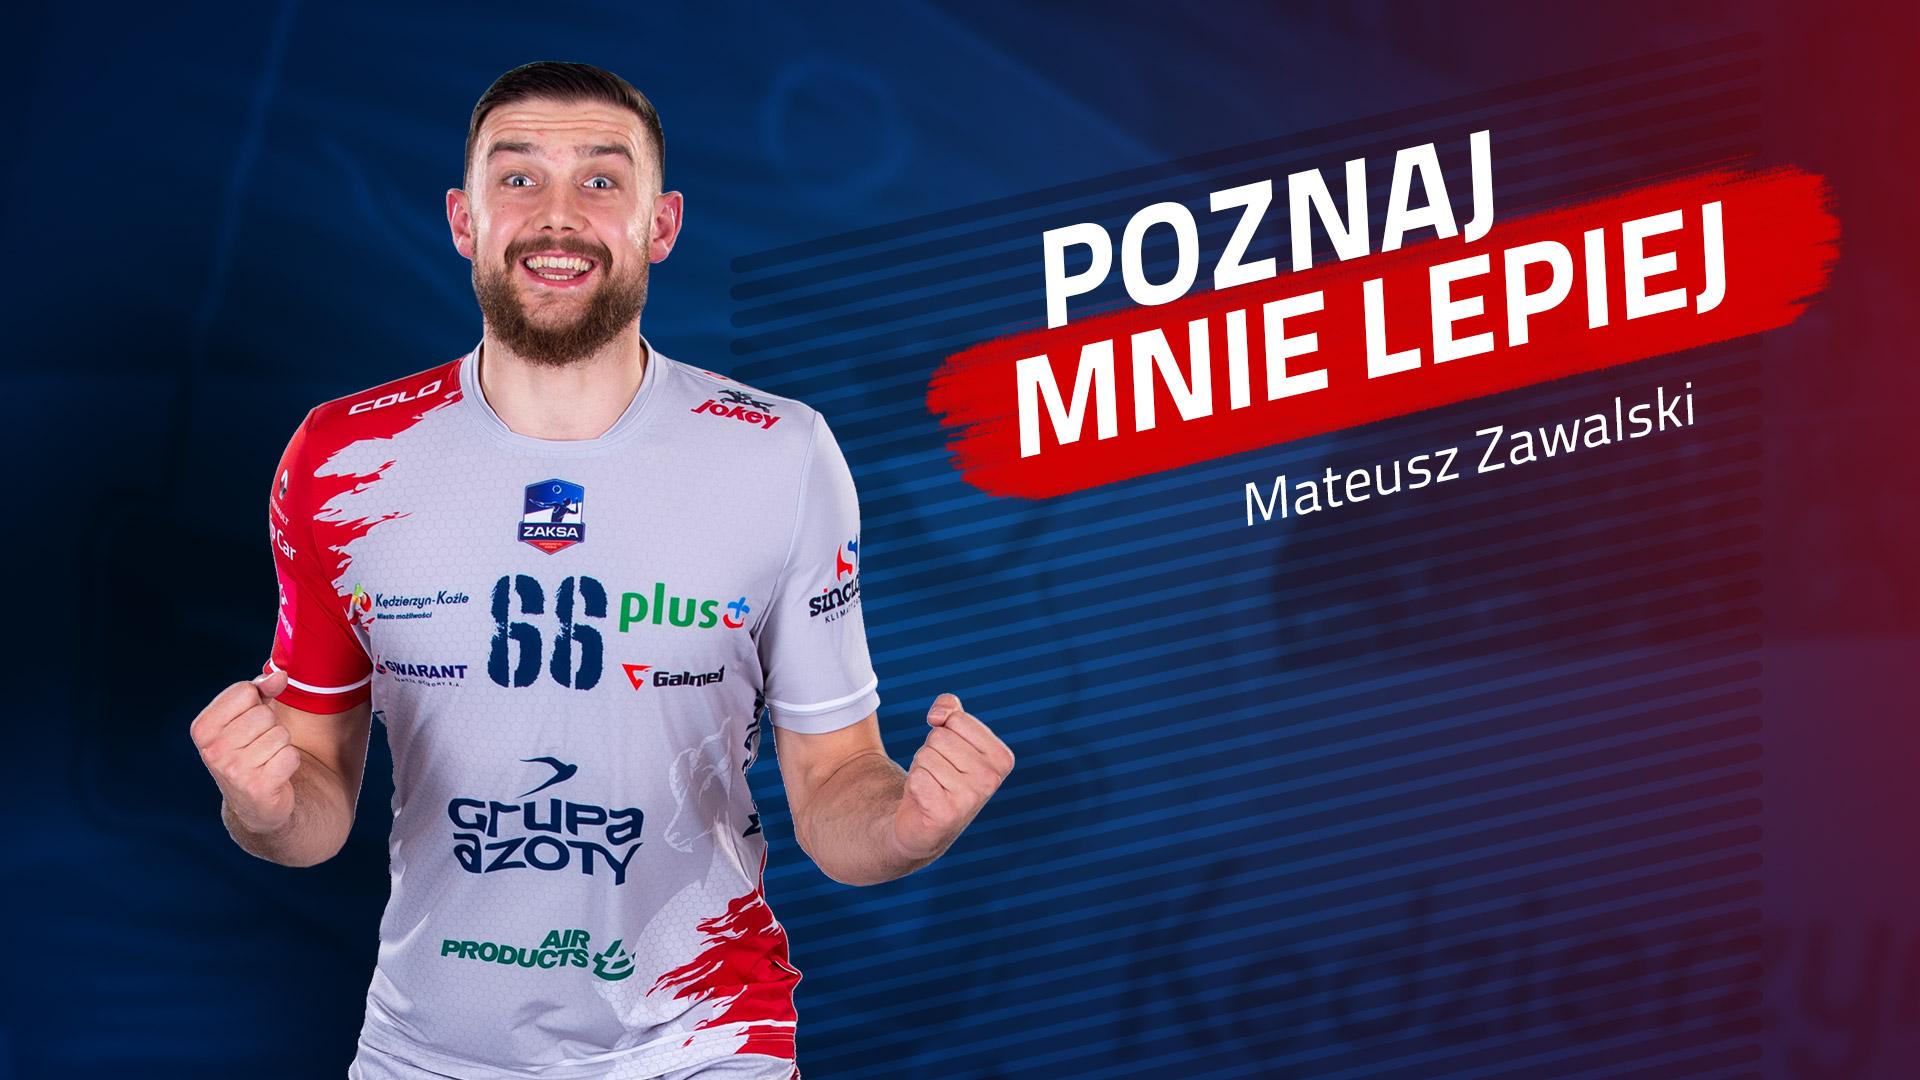 Poznaj mnie lepiej: Mateusz Zawalski